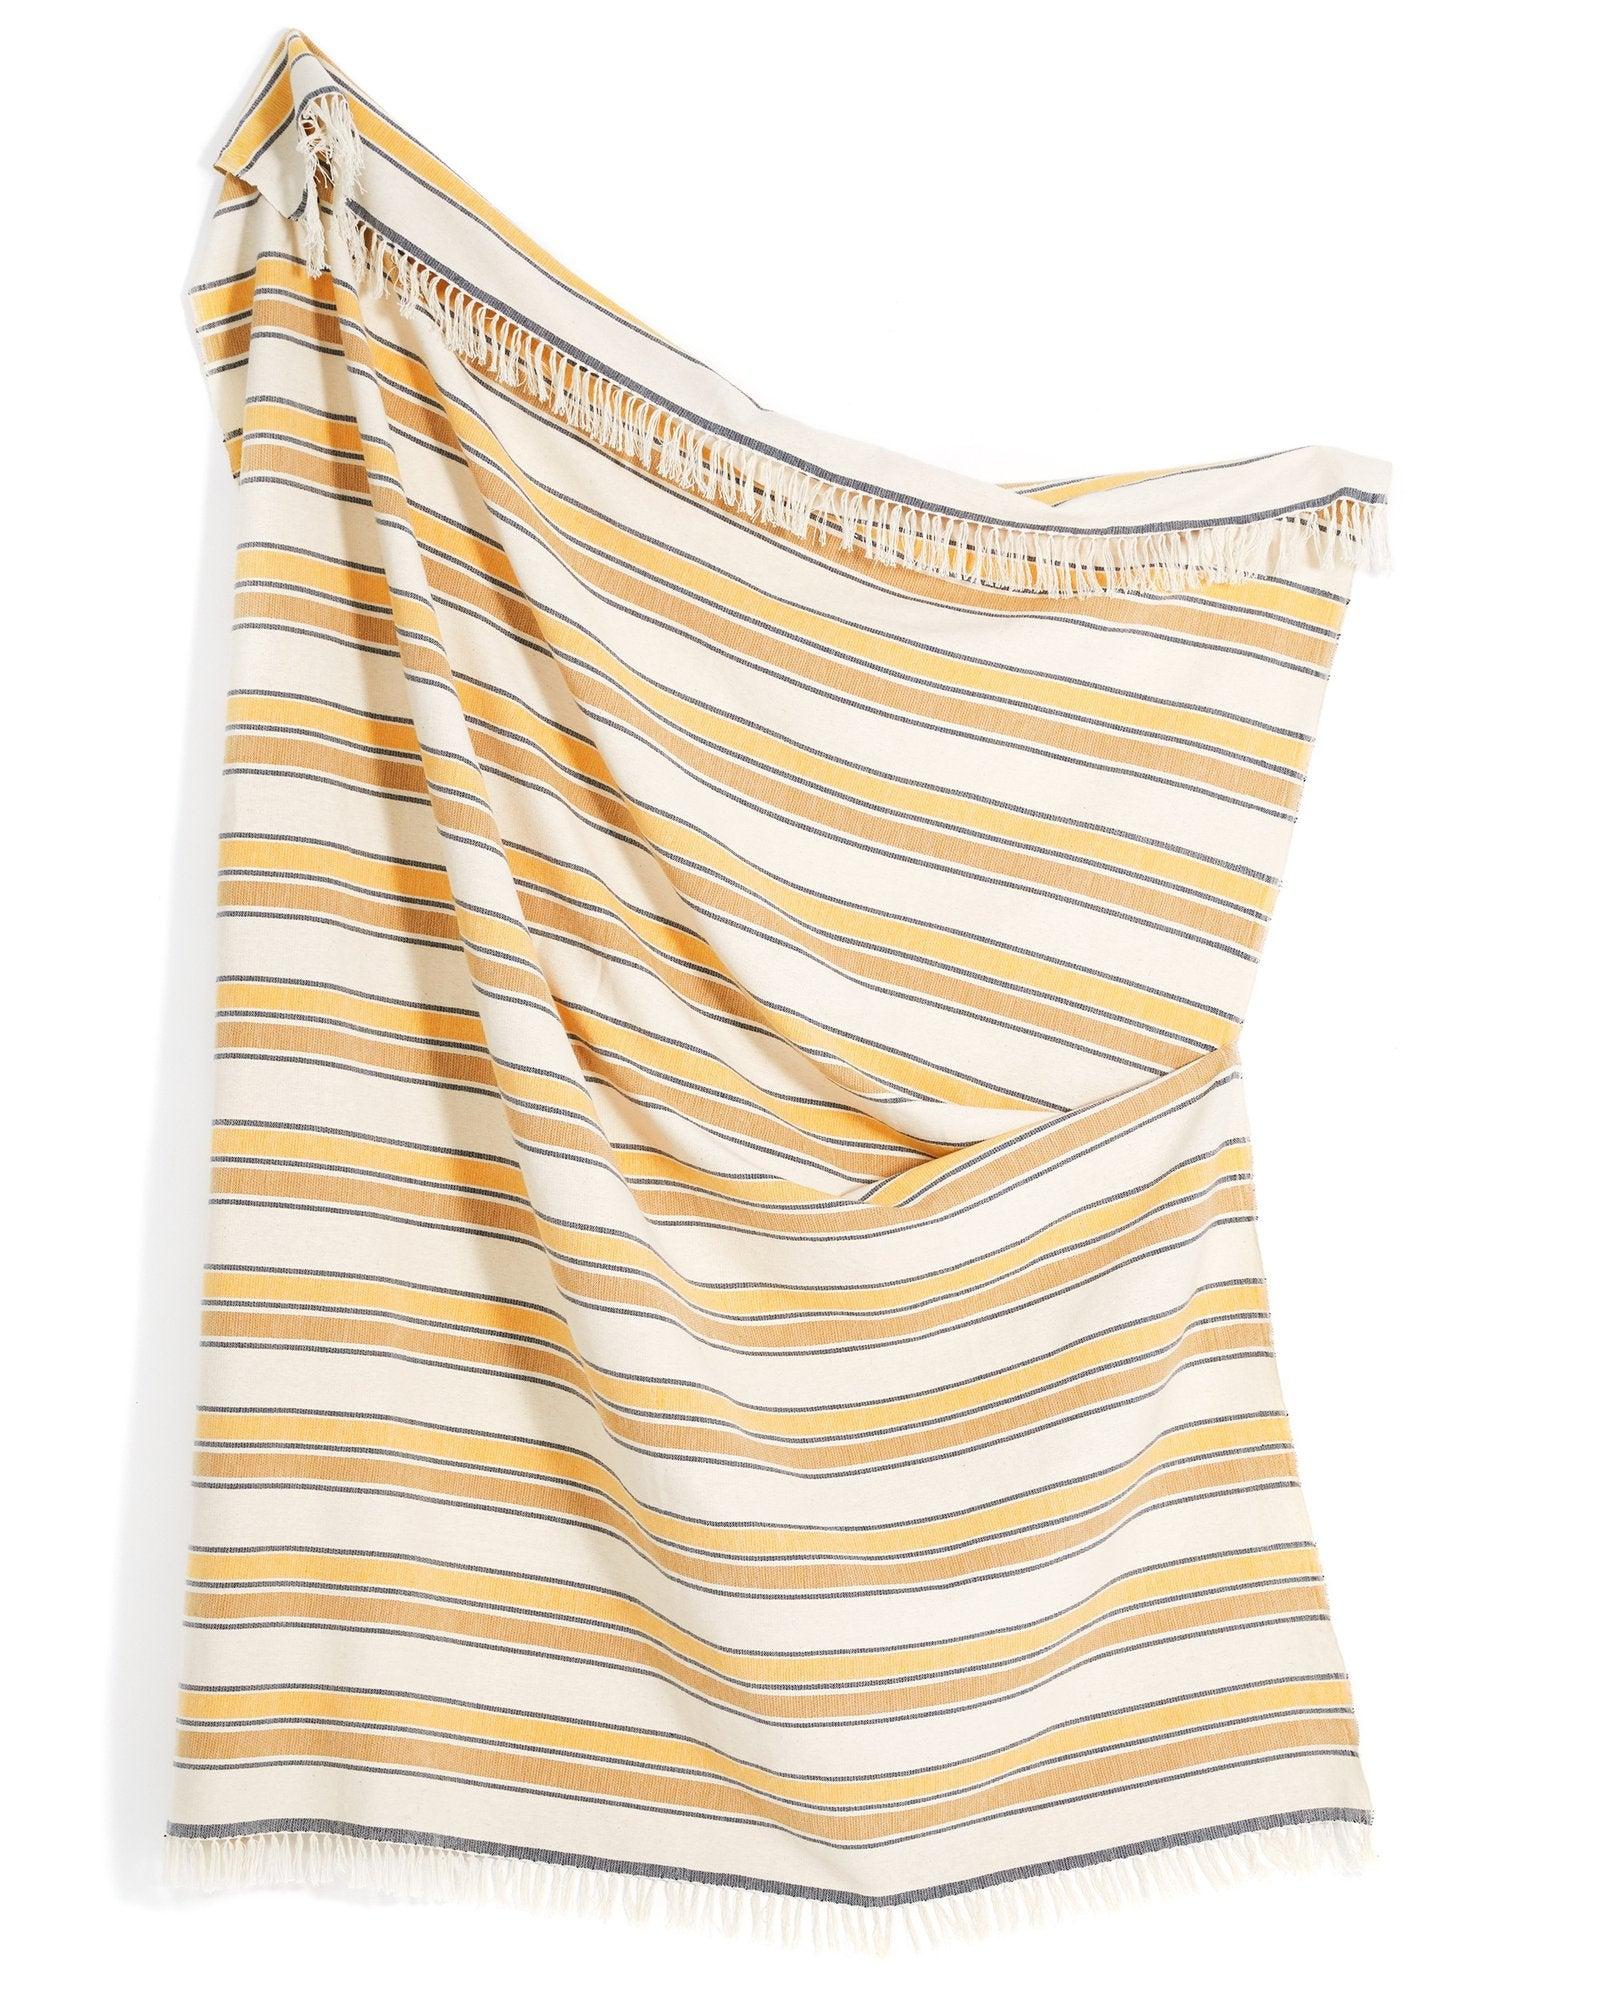 Throw-Gold-Stripe-Main_9a6be2b8-567f-4019-b804-6ac8842ea5d7_1600x